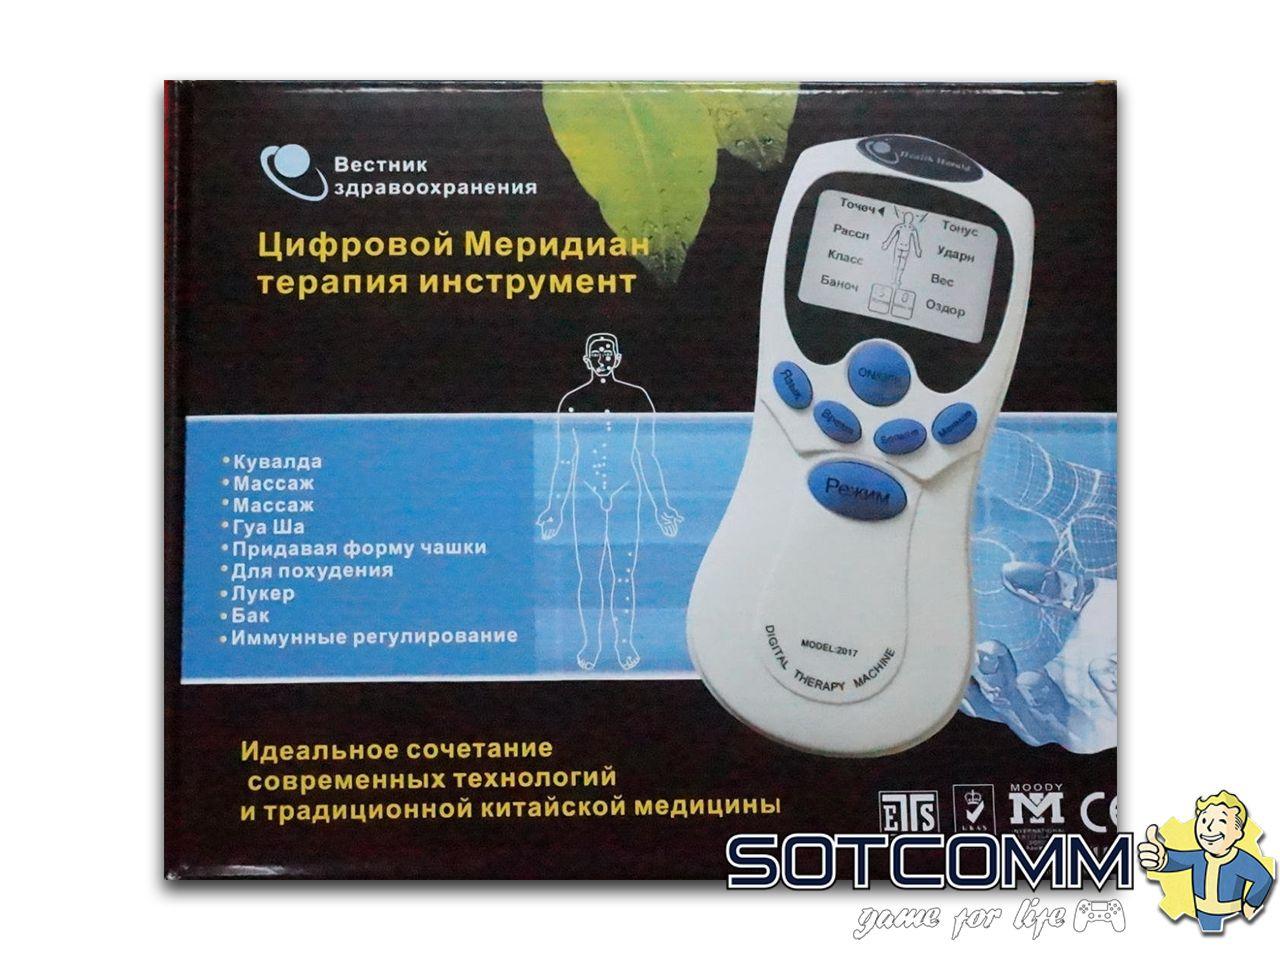 Инструмент для терапии Цифровой меридиан